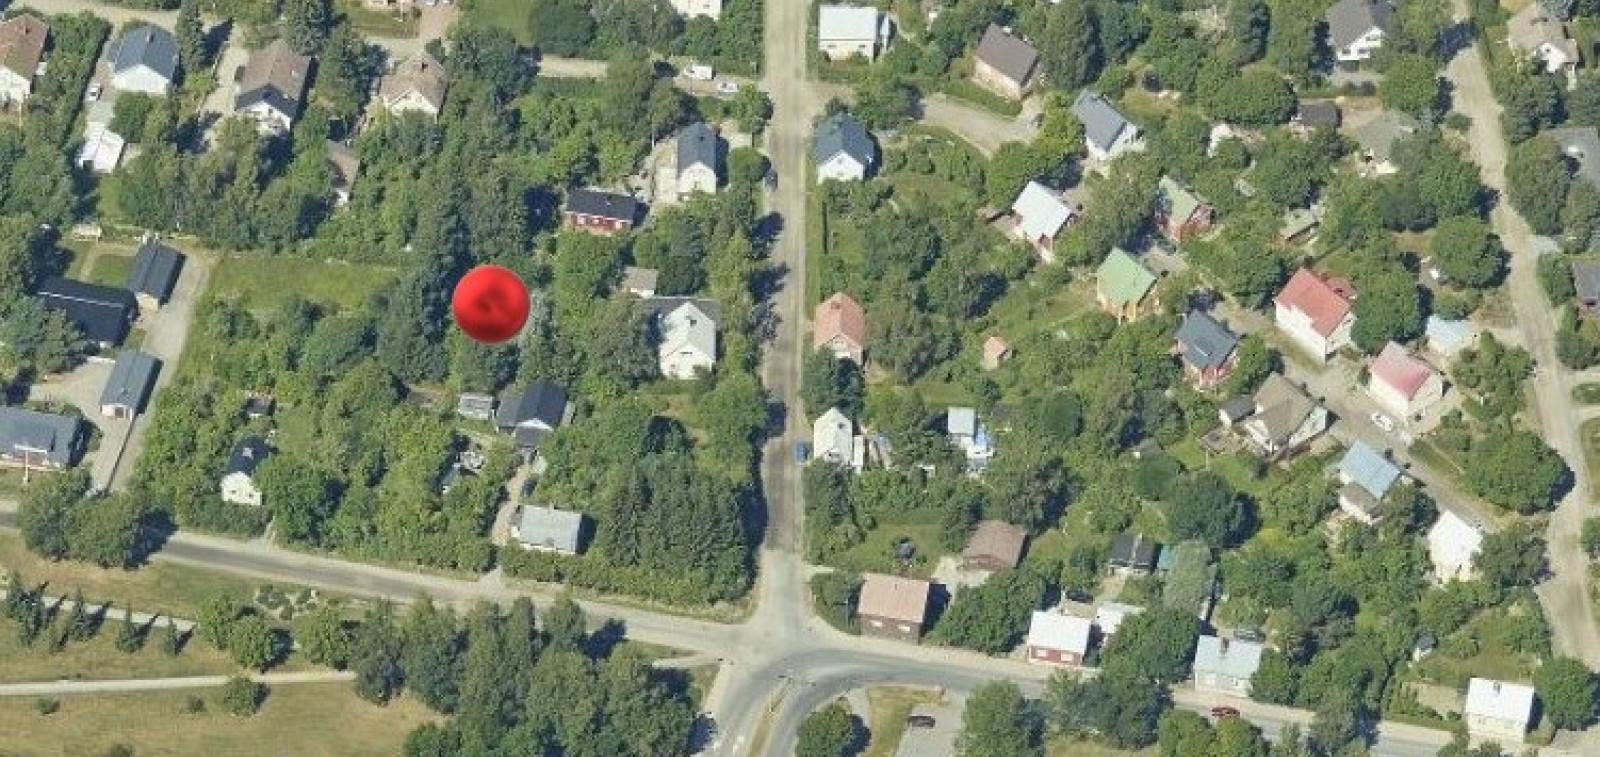 omakotitontti ilmakuvassa punaisella täplällä merkittynä